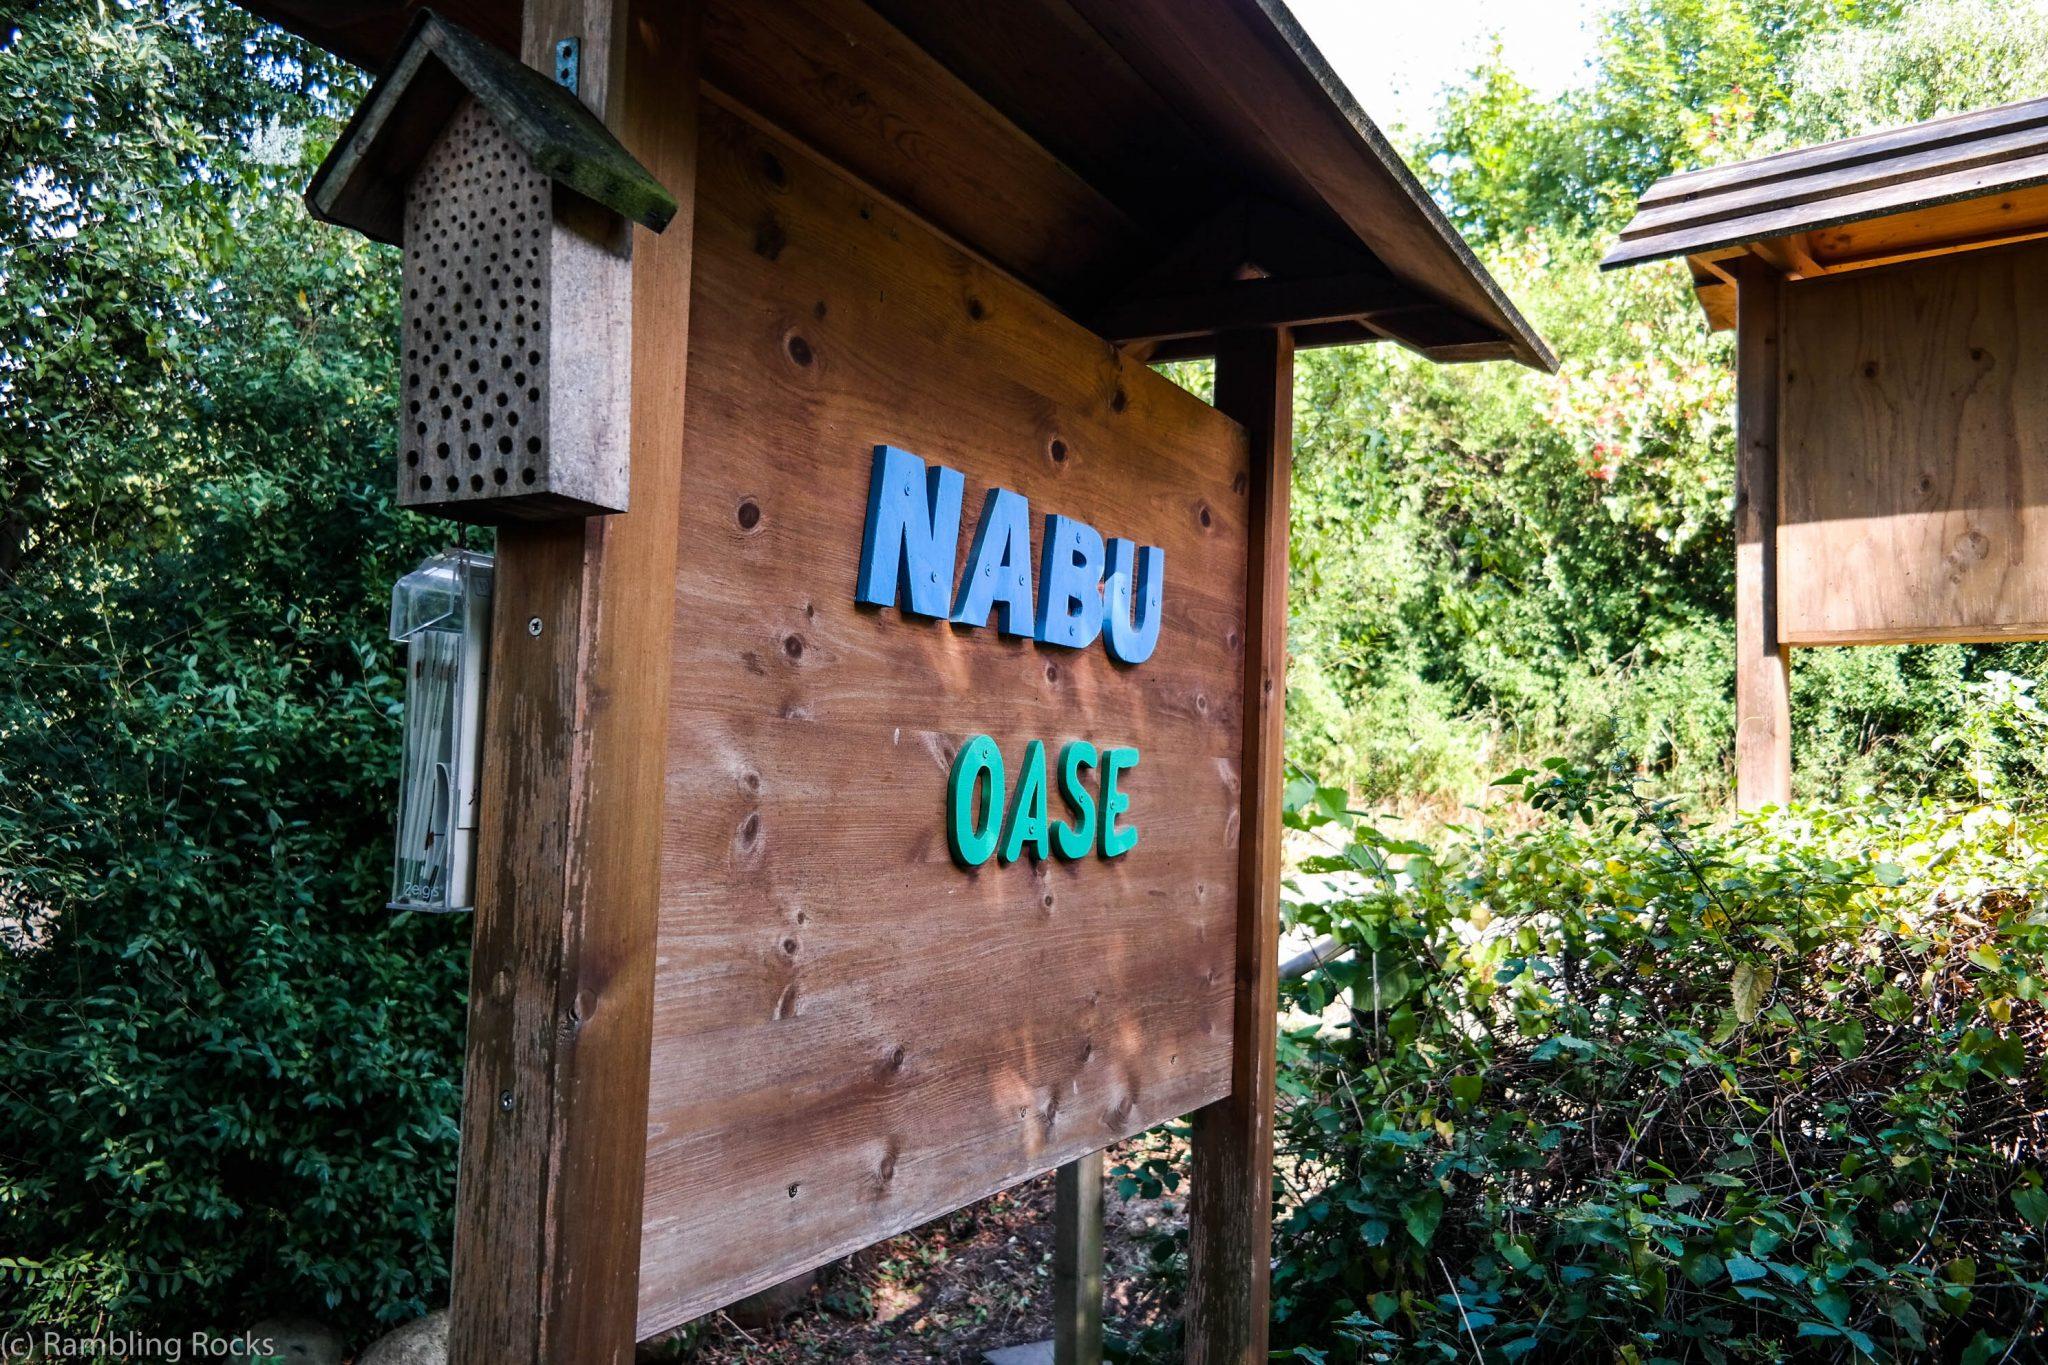 NABU-Oase